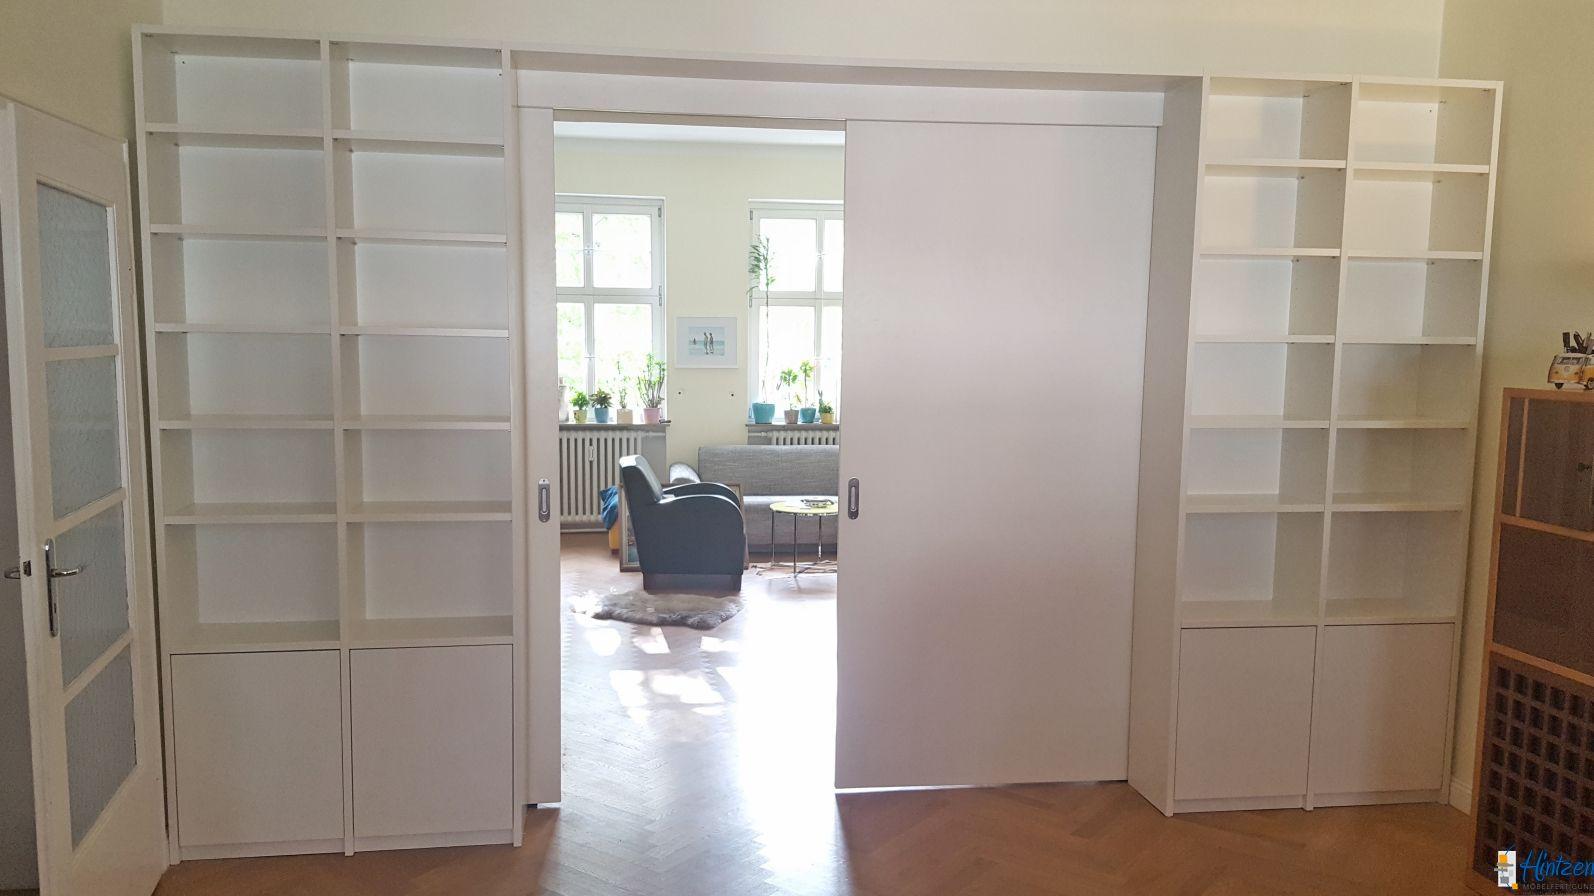 gleitt ren raumteiler schreinerei hintzen frankenthal schreinerei hintzen. Black Bedroom Furniture Sets. Home Design Ideas